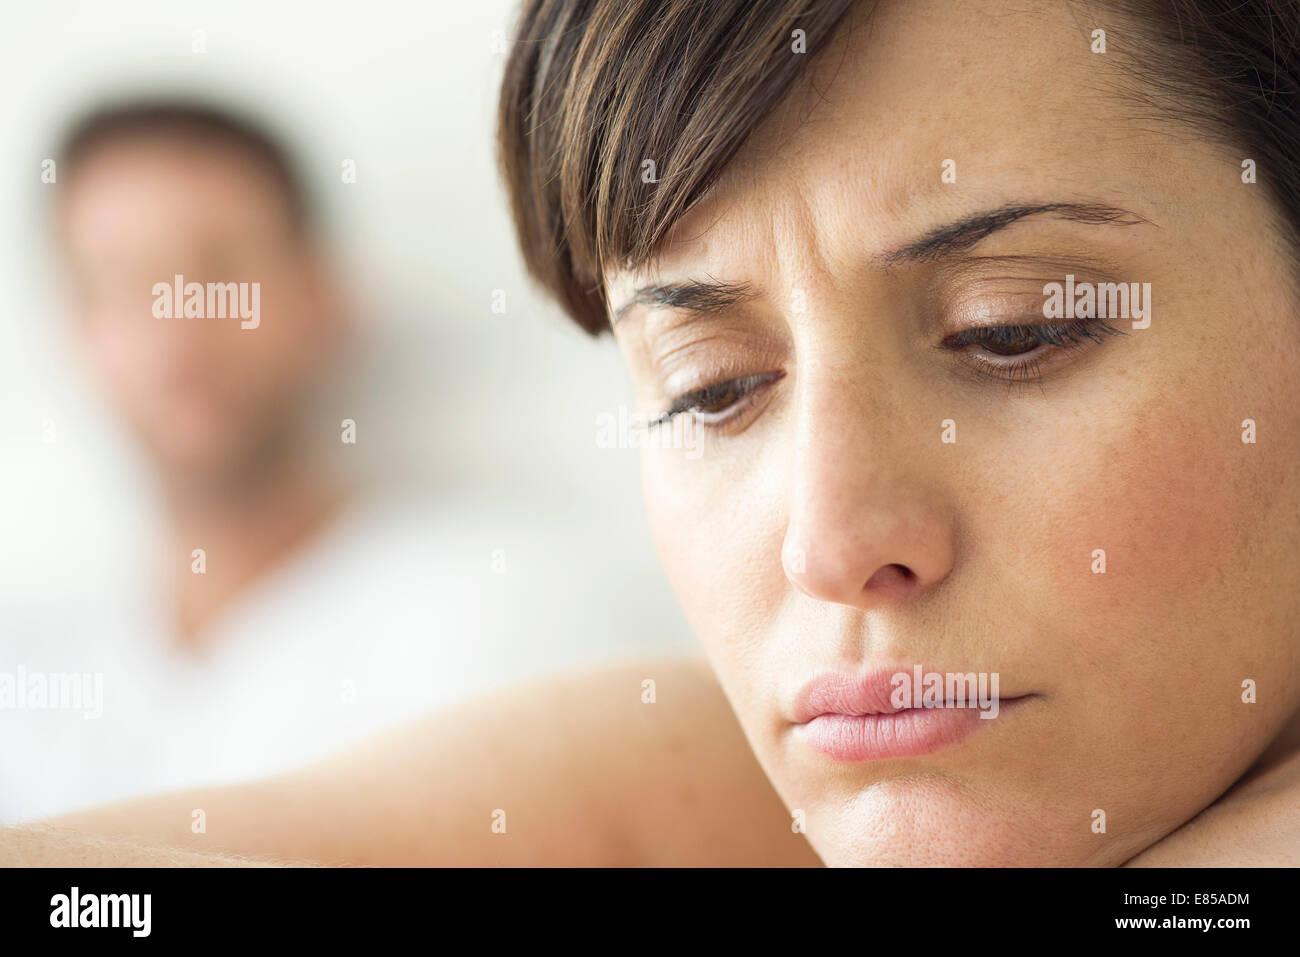 Mujer contemplativa y retirarse después de desacuerdo con mi marido Imagen De Stock